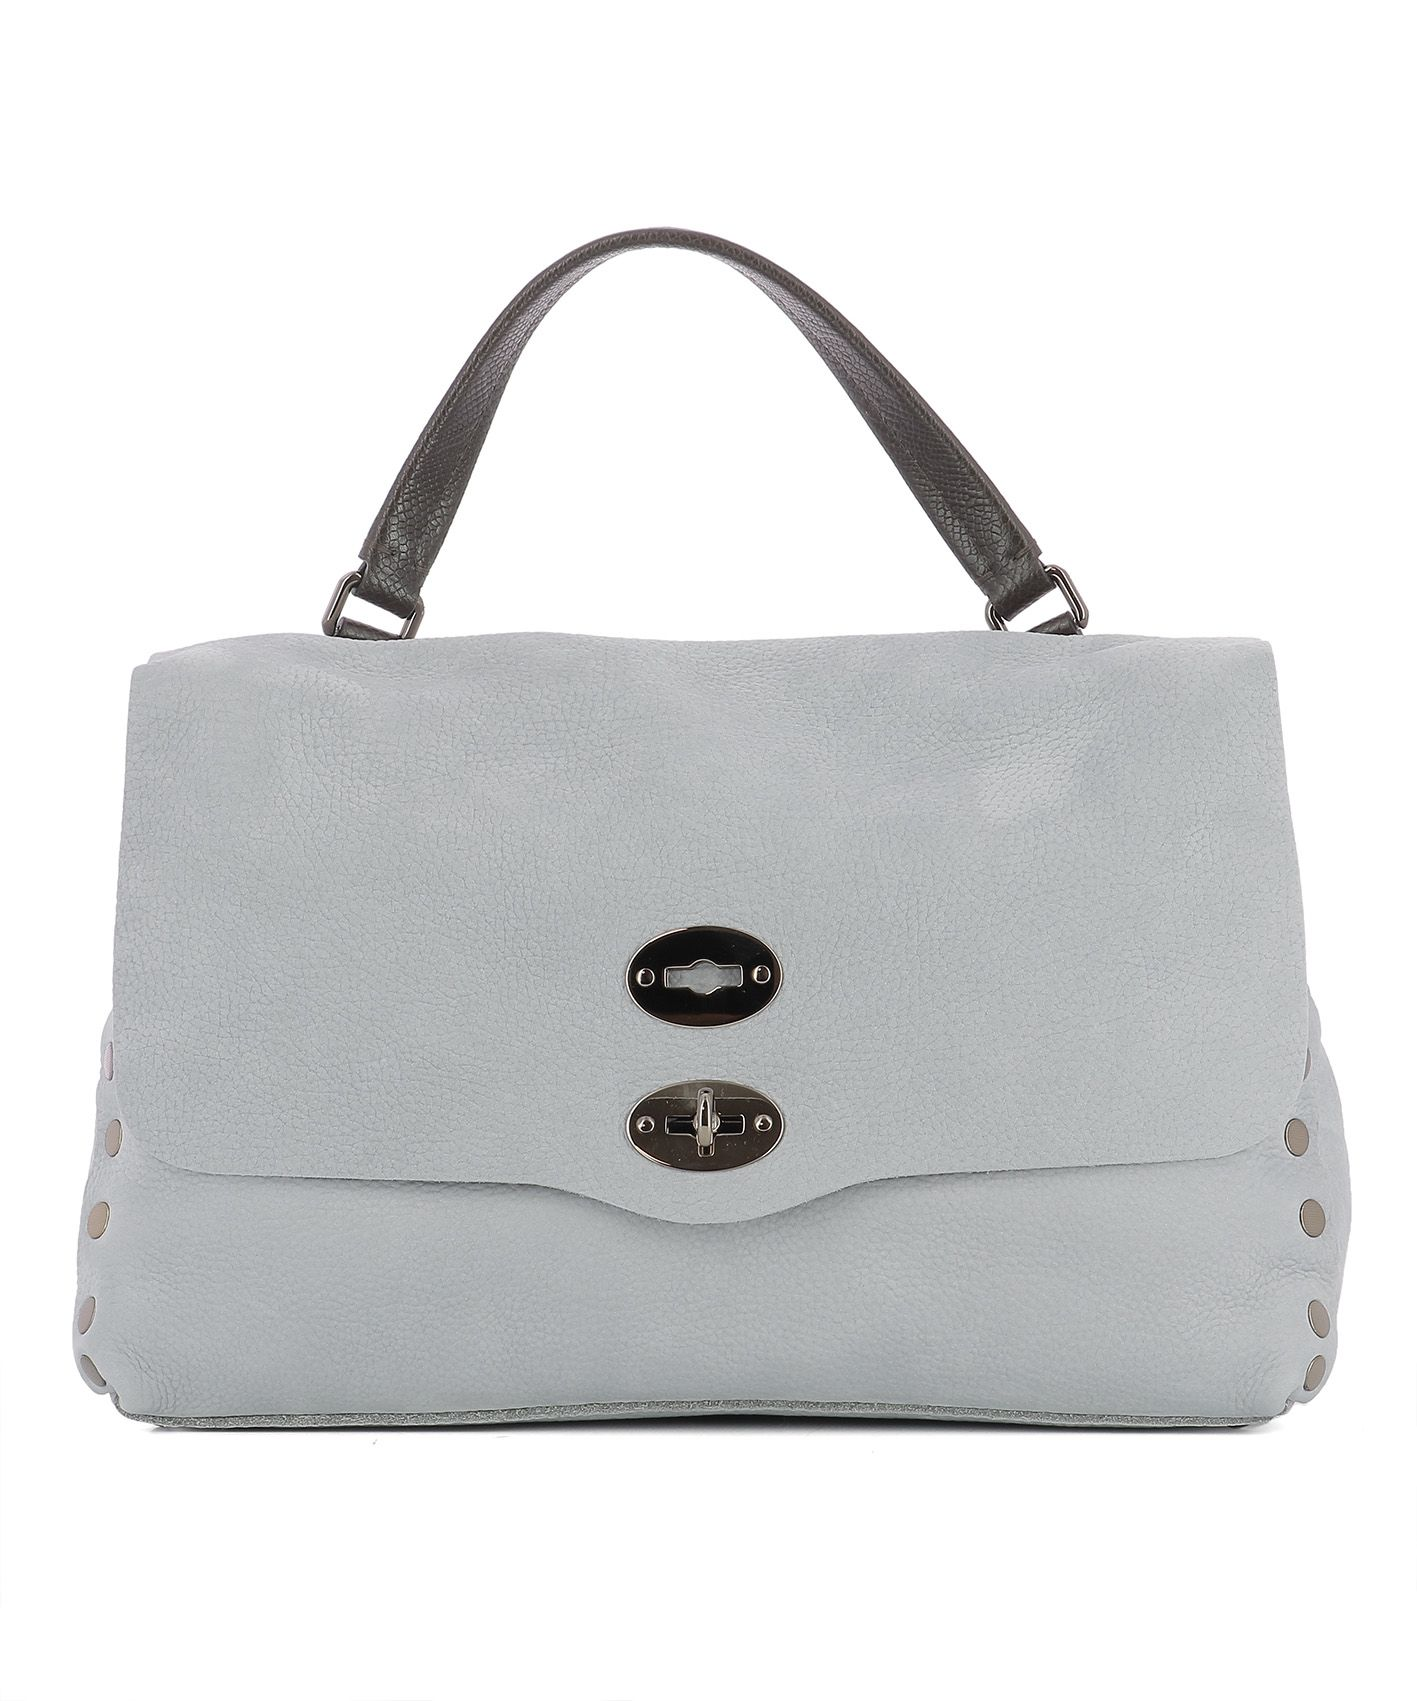 Grey Leather Handle Bag